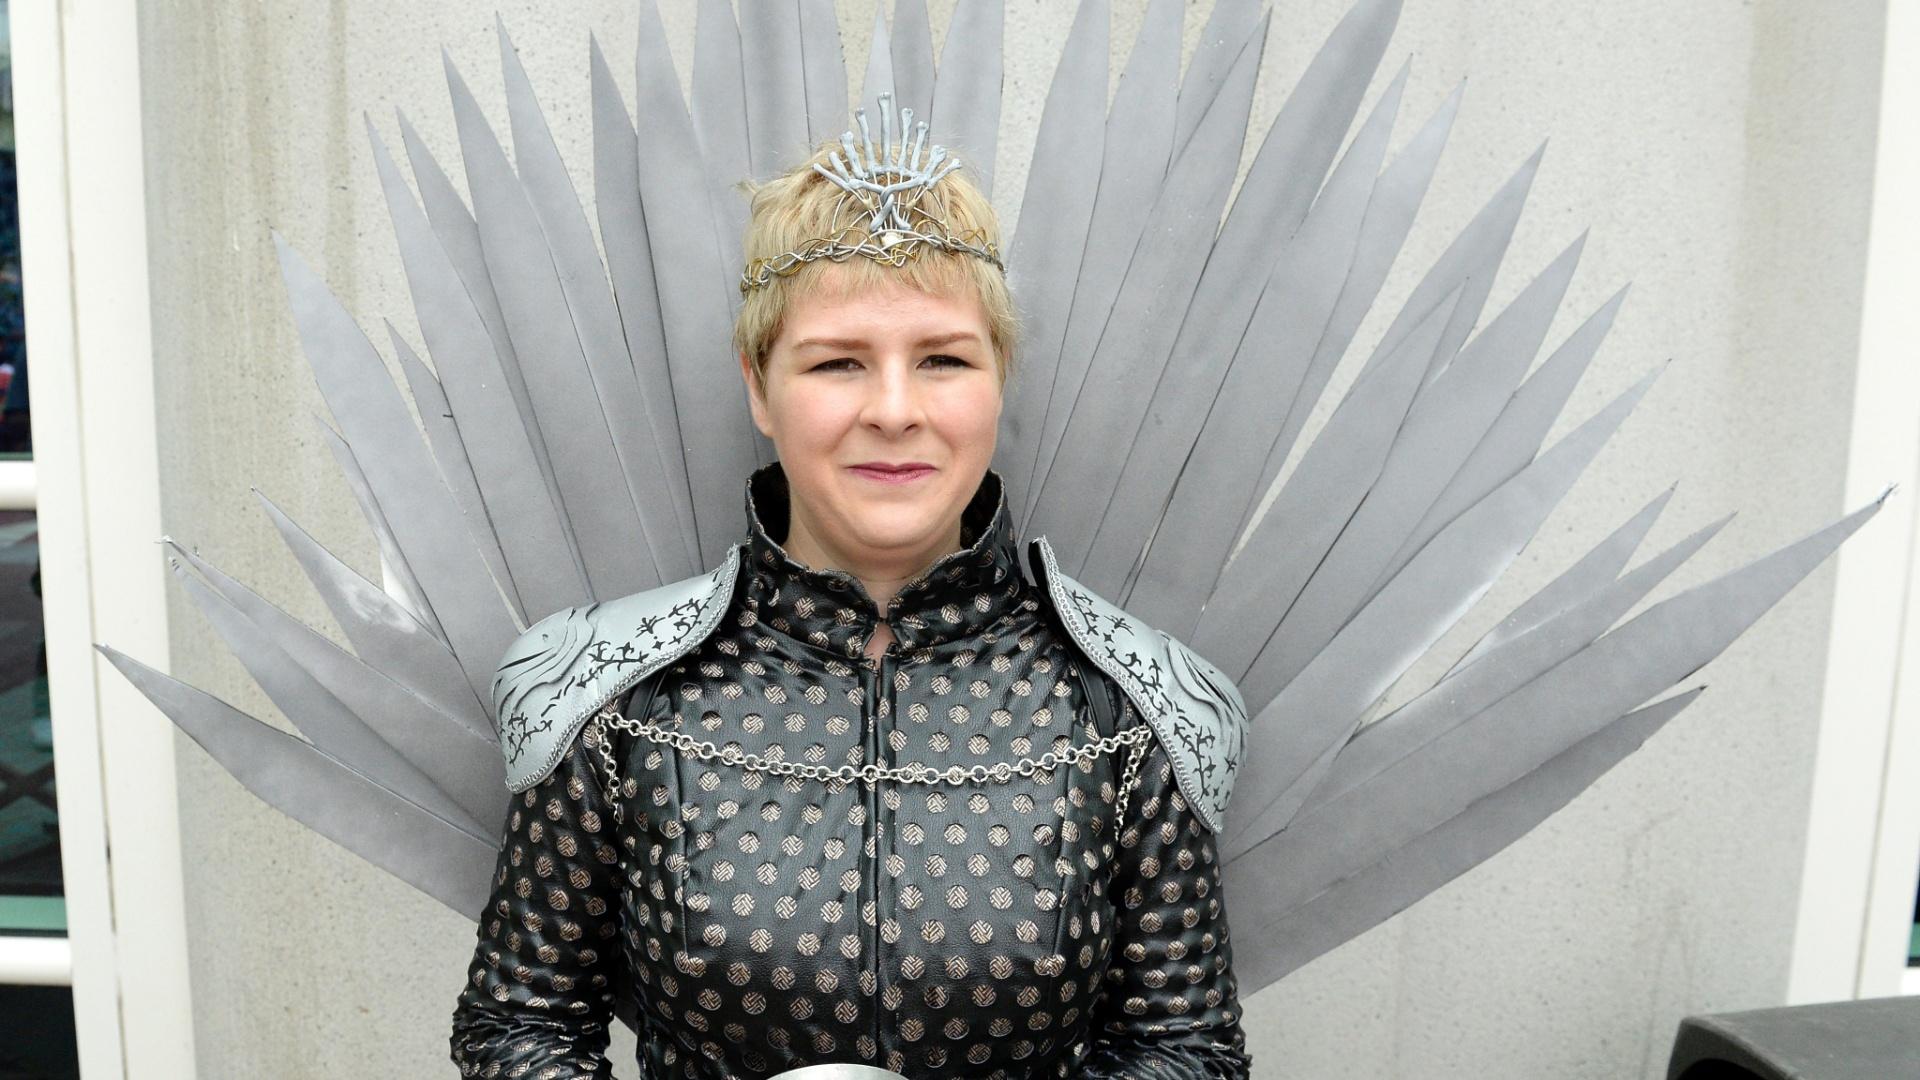 23.jul.2016 - A rainha Cersei está esplendorosa no trono de ferro de